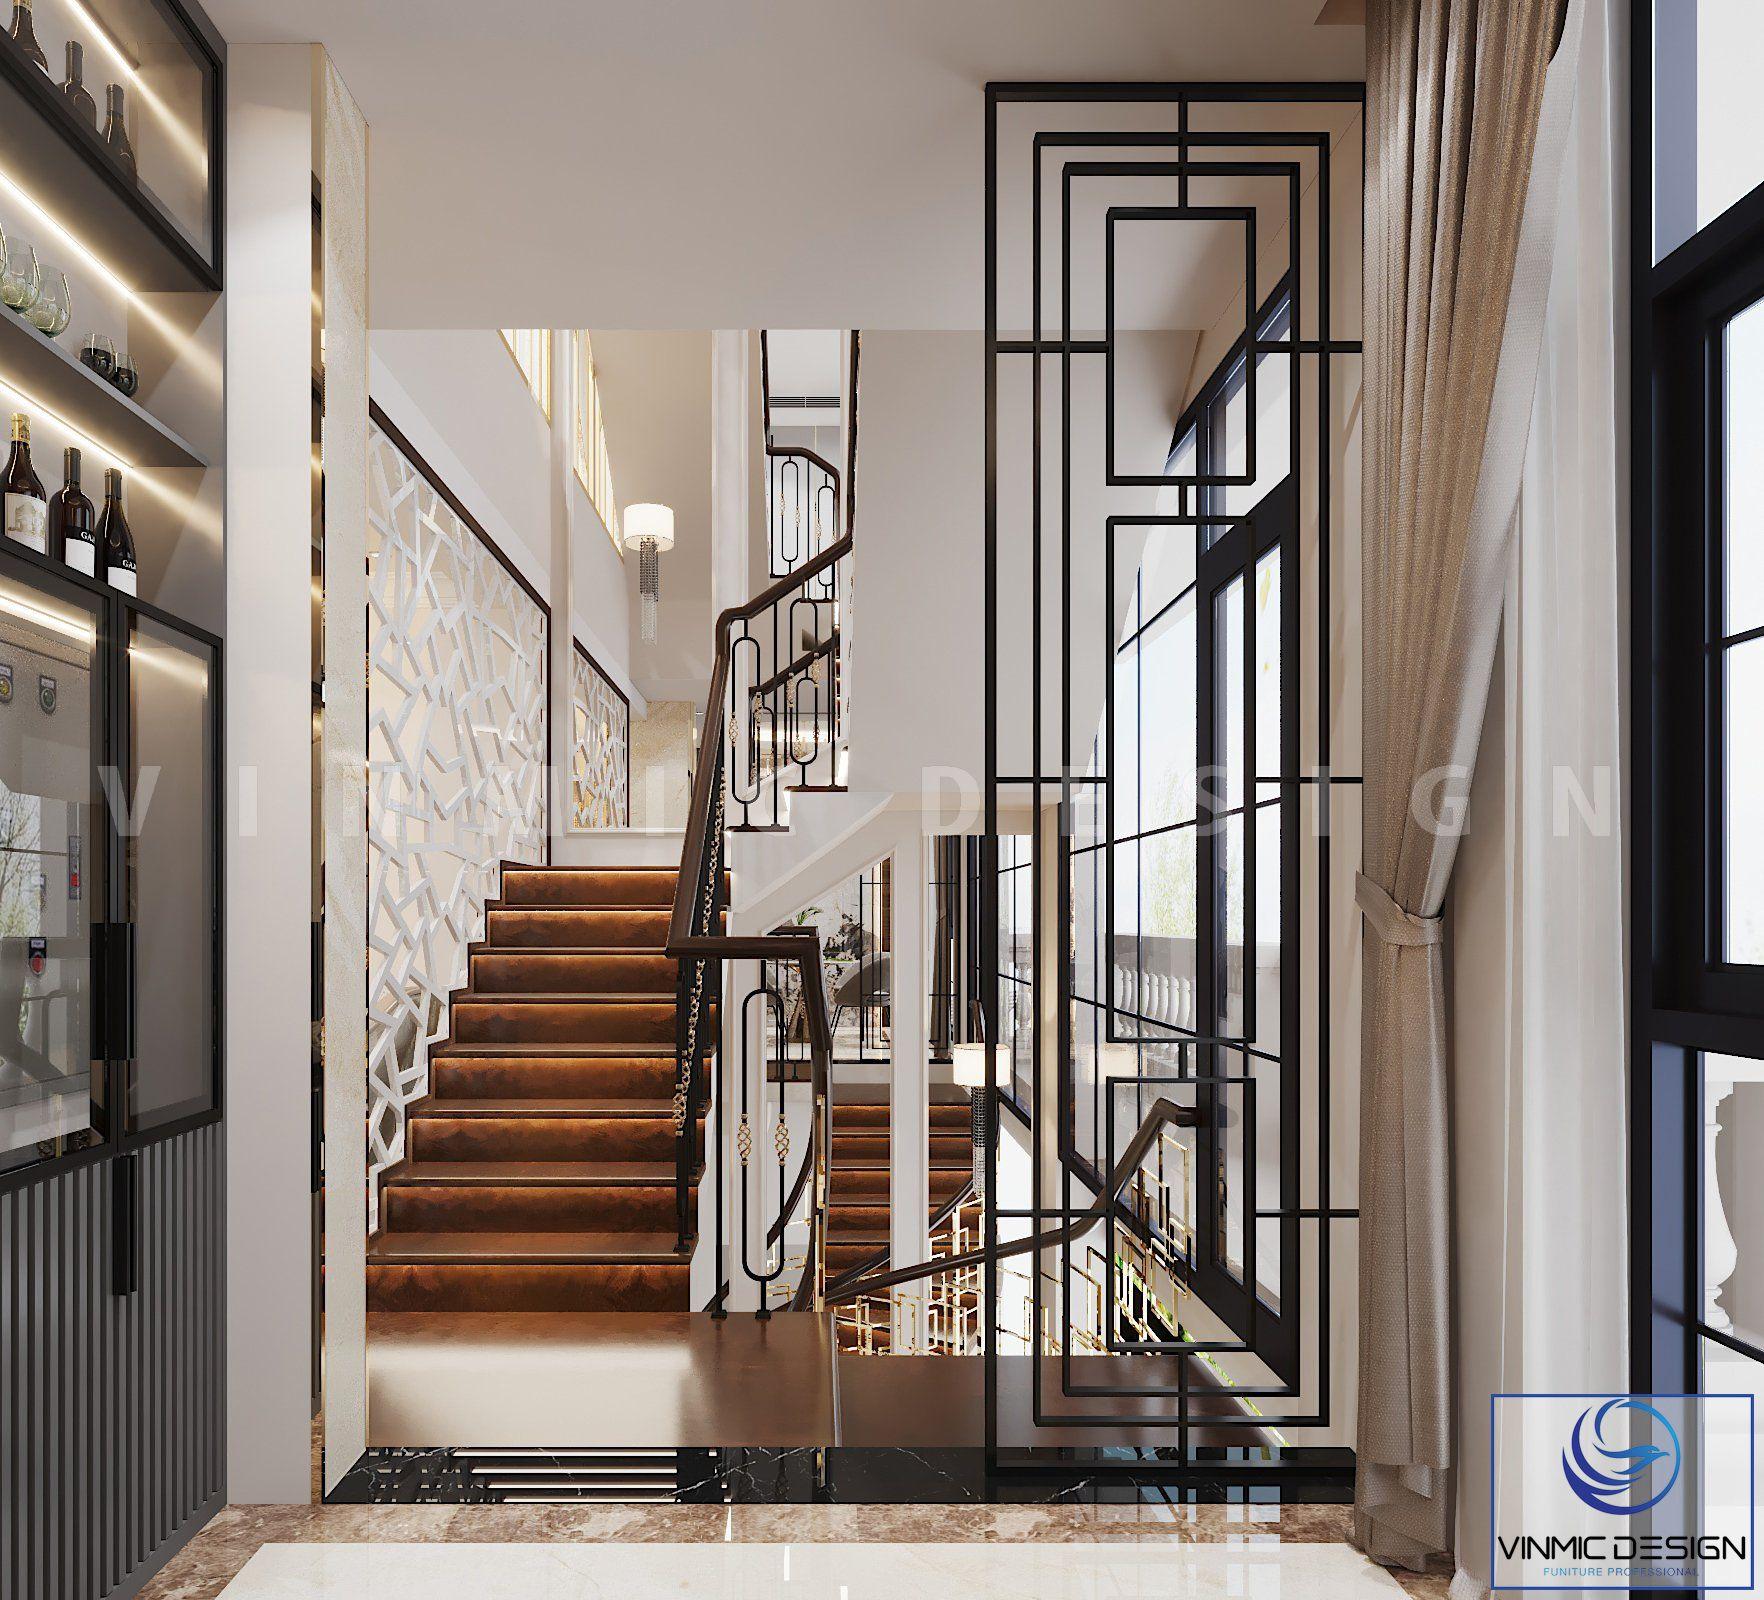 Thiết kế cầu thang đẹp tại biệt thự Vinhomes Imperia Hải Phòng